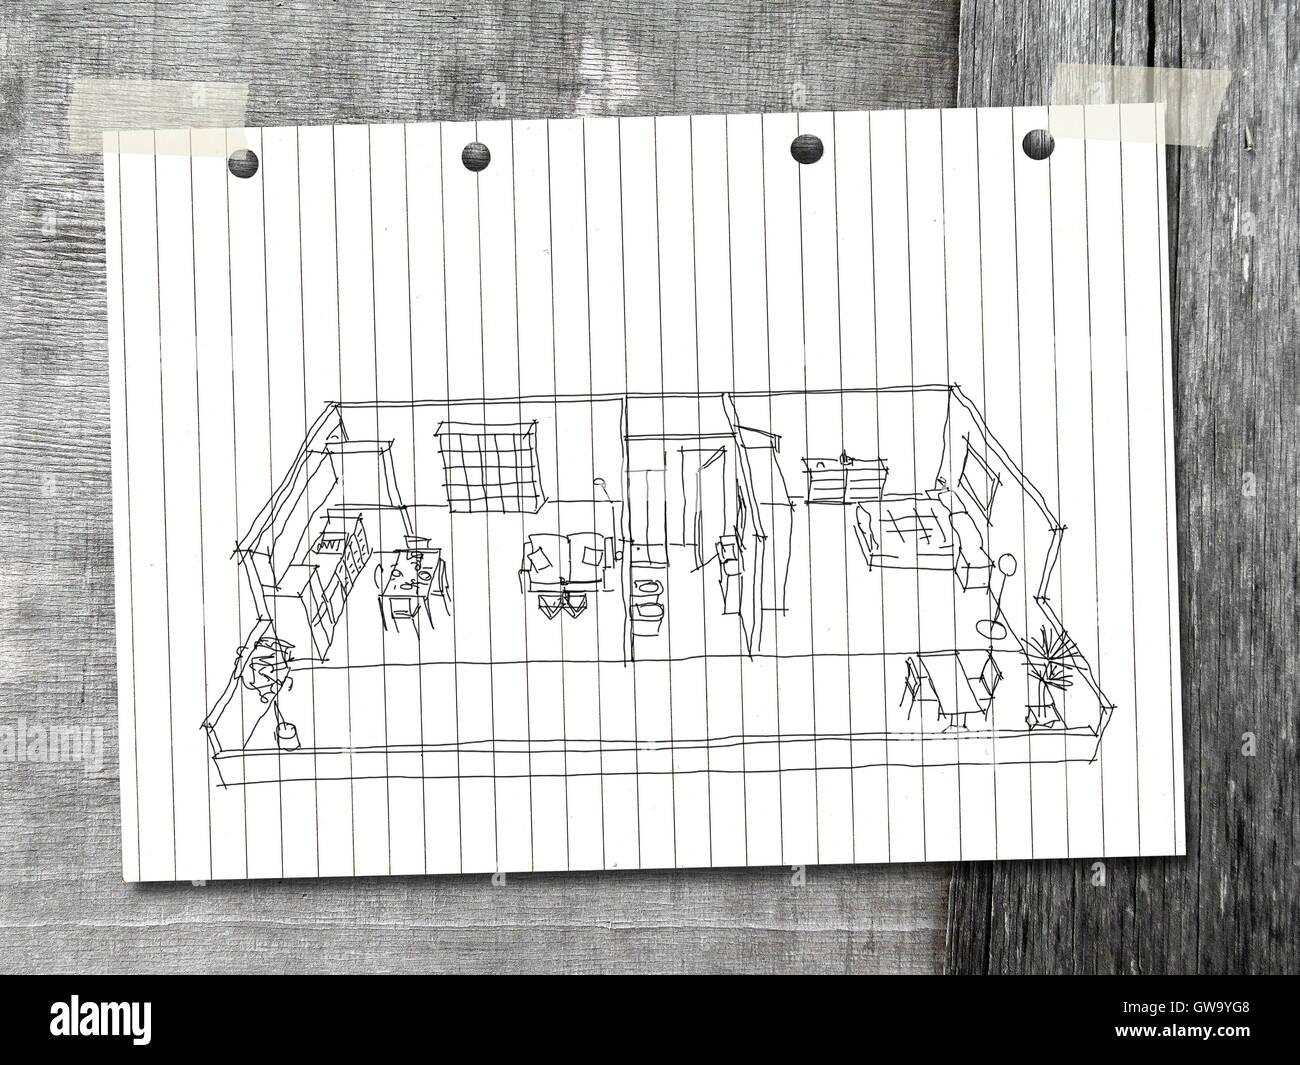 3d innenraum freihand skizze zeichnen m blierten haus wohnung auf wei en gestreiften papier ber. Black Bedroom Furniture Sets. Home Design Ideas